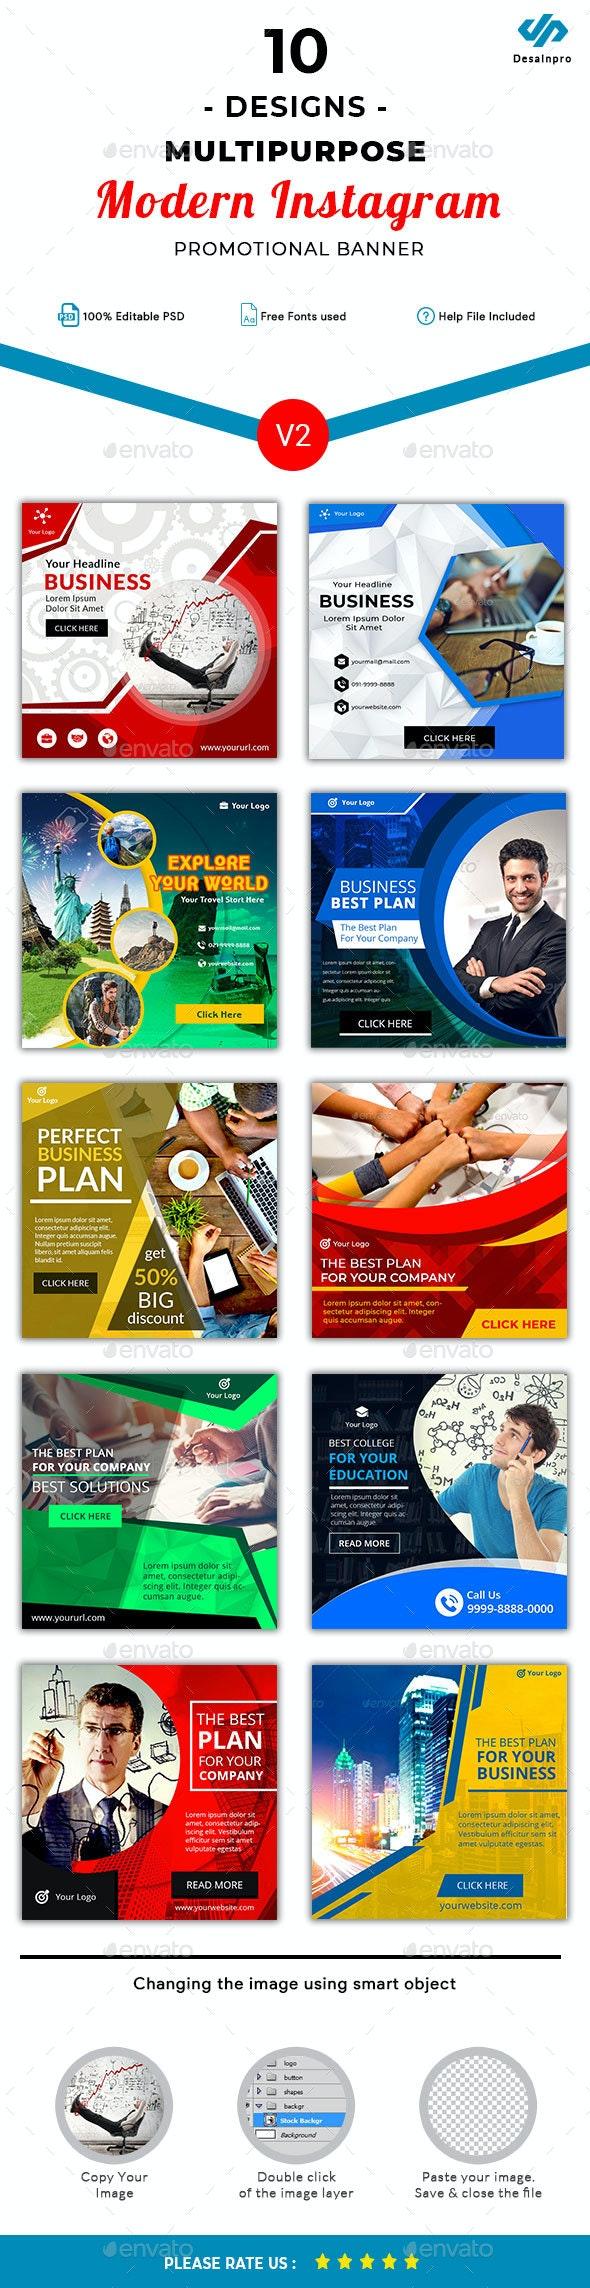 10 Multipurpose Instagram Template V2 - AR - Miscellaneous Social Media